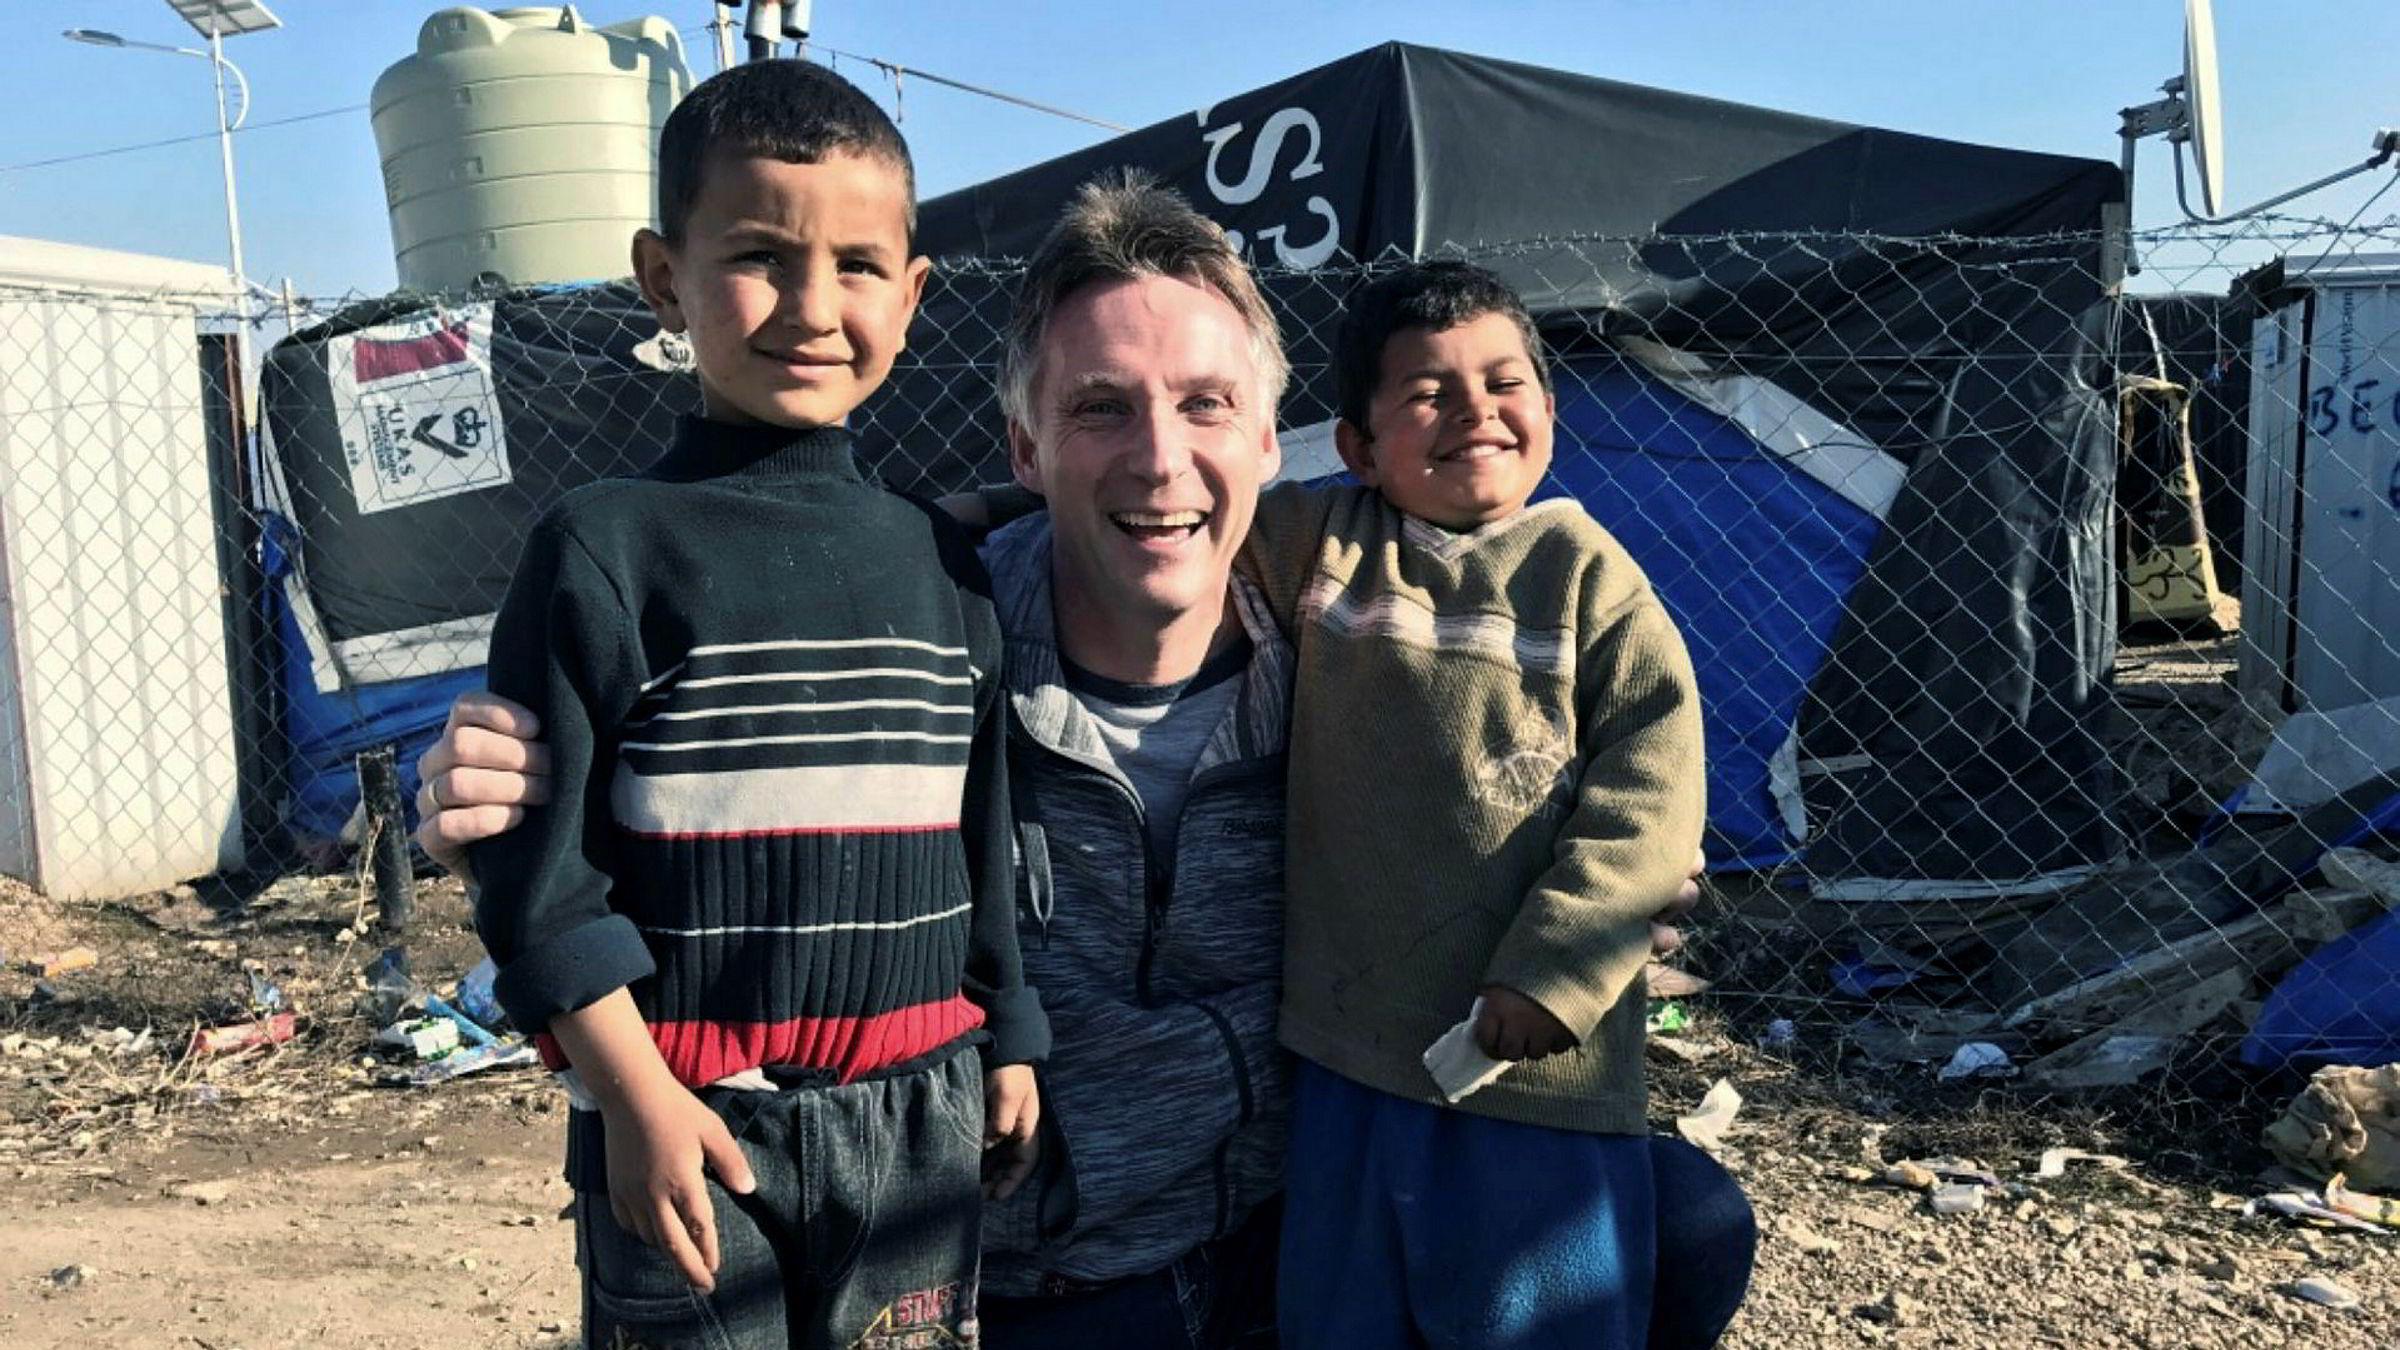 Alfred Ydstebø, eier av konsernet Base Gruppen. Han drev i 2016 omfattende drift av asylmottak gjennom datterselskapet Abri Vekst. Her er han under et besøk i en flyktningeleir i Bekaa-dalen i Libanon som han har besøkt en rekke ganger de siste månedene. Organisasjonen Abri Aid har forpliktet seg til å gi en million kroner til flyktningearbeid i området.